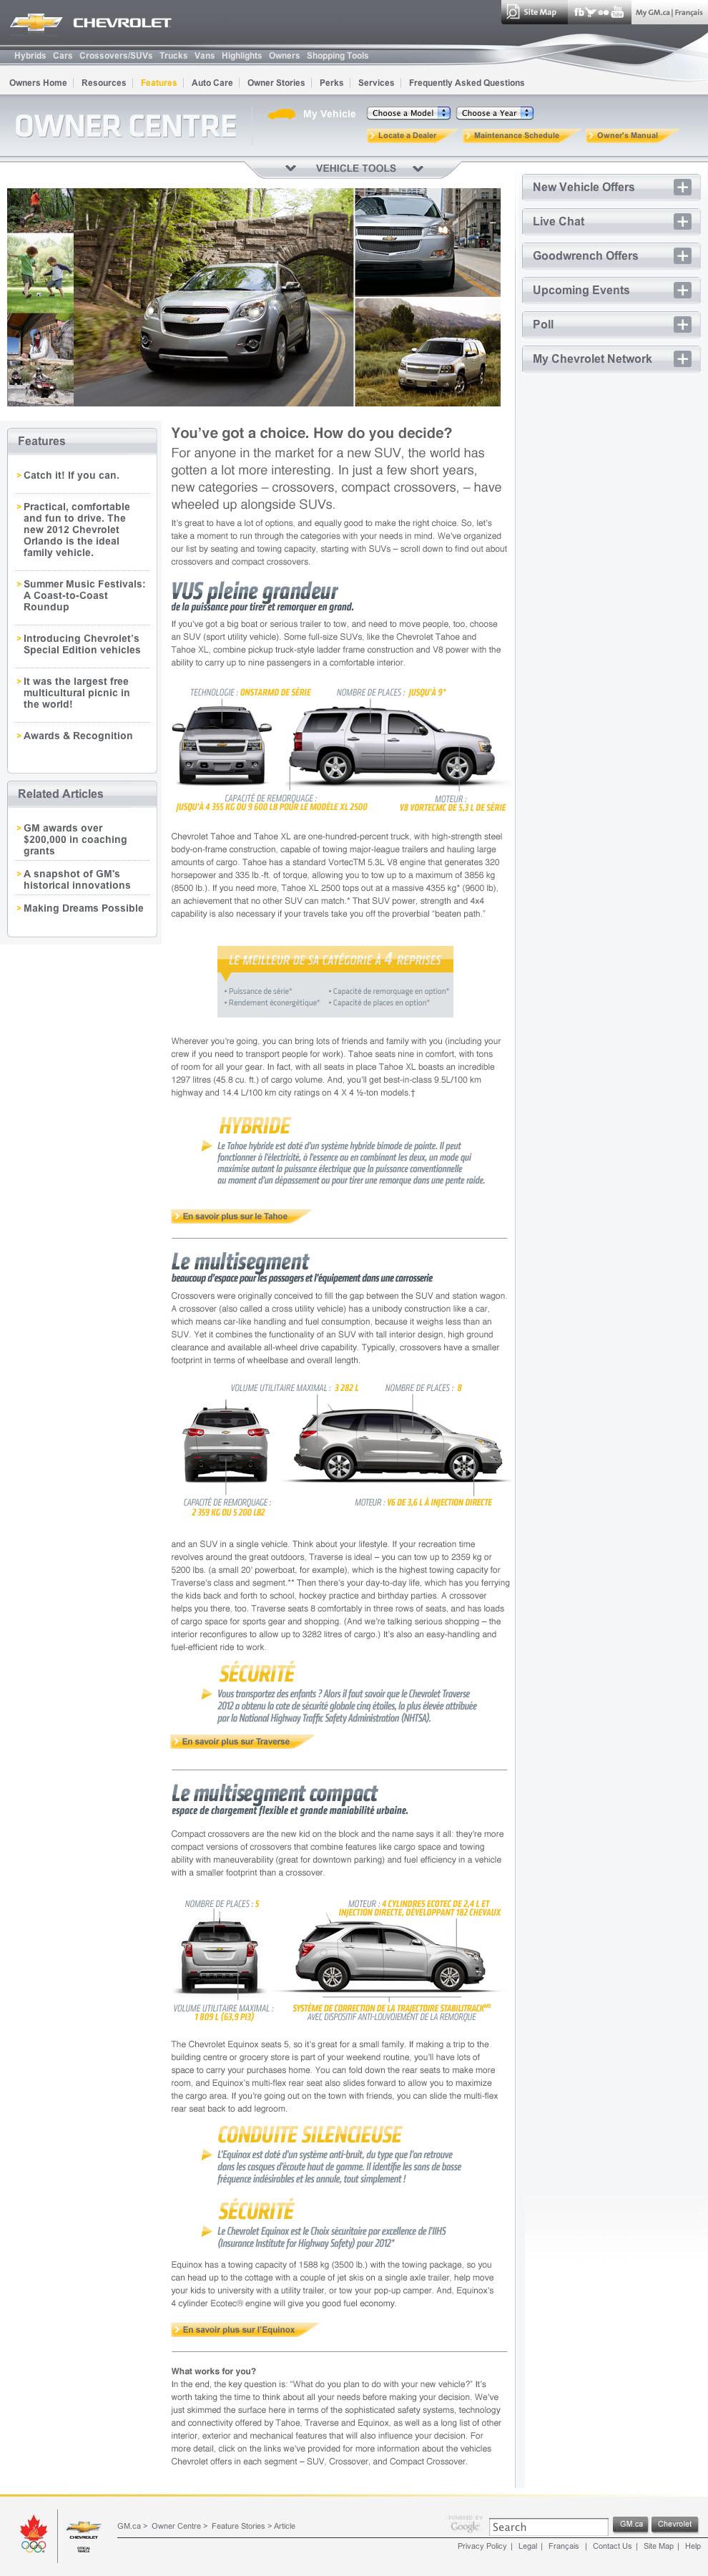 FEBRUARY_CHEV_OC_SUV-Crossover_E.jpg